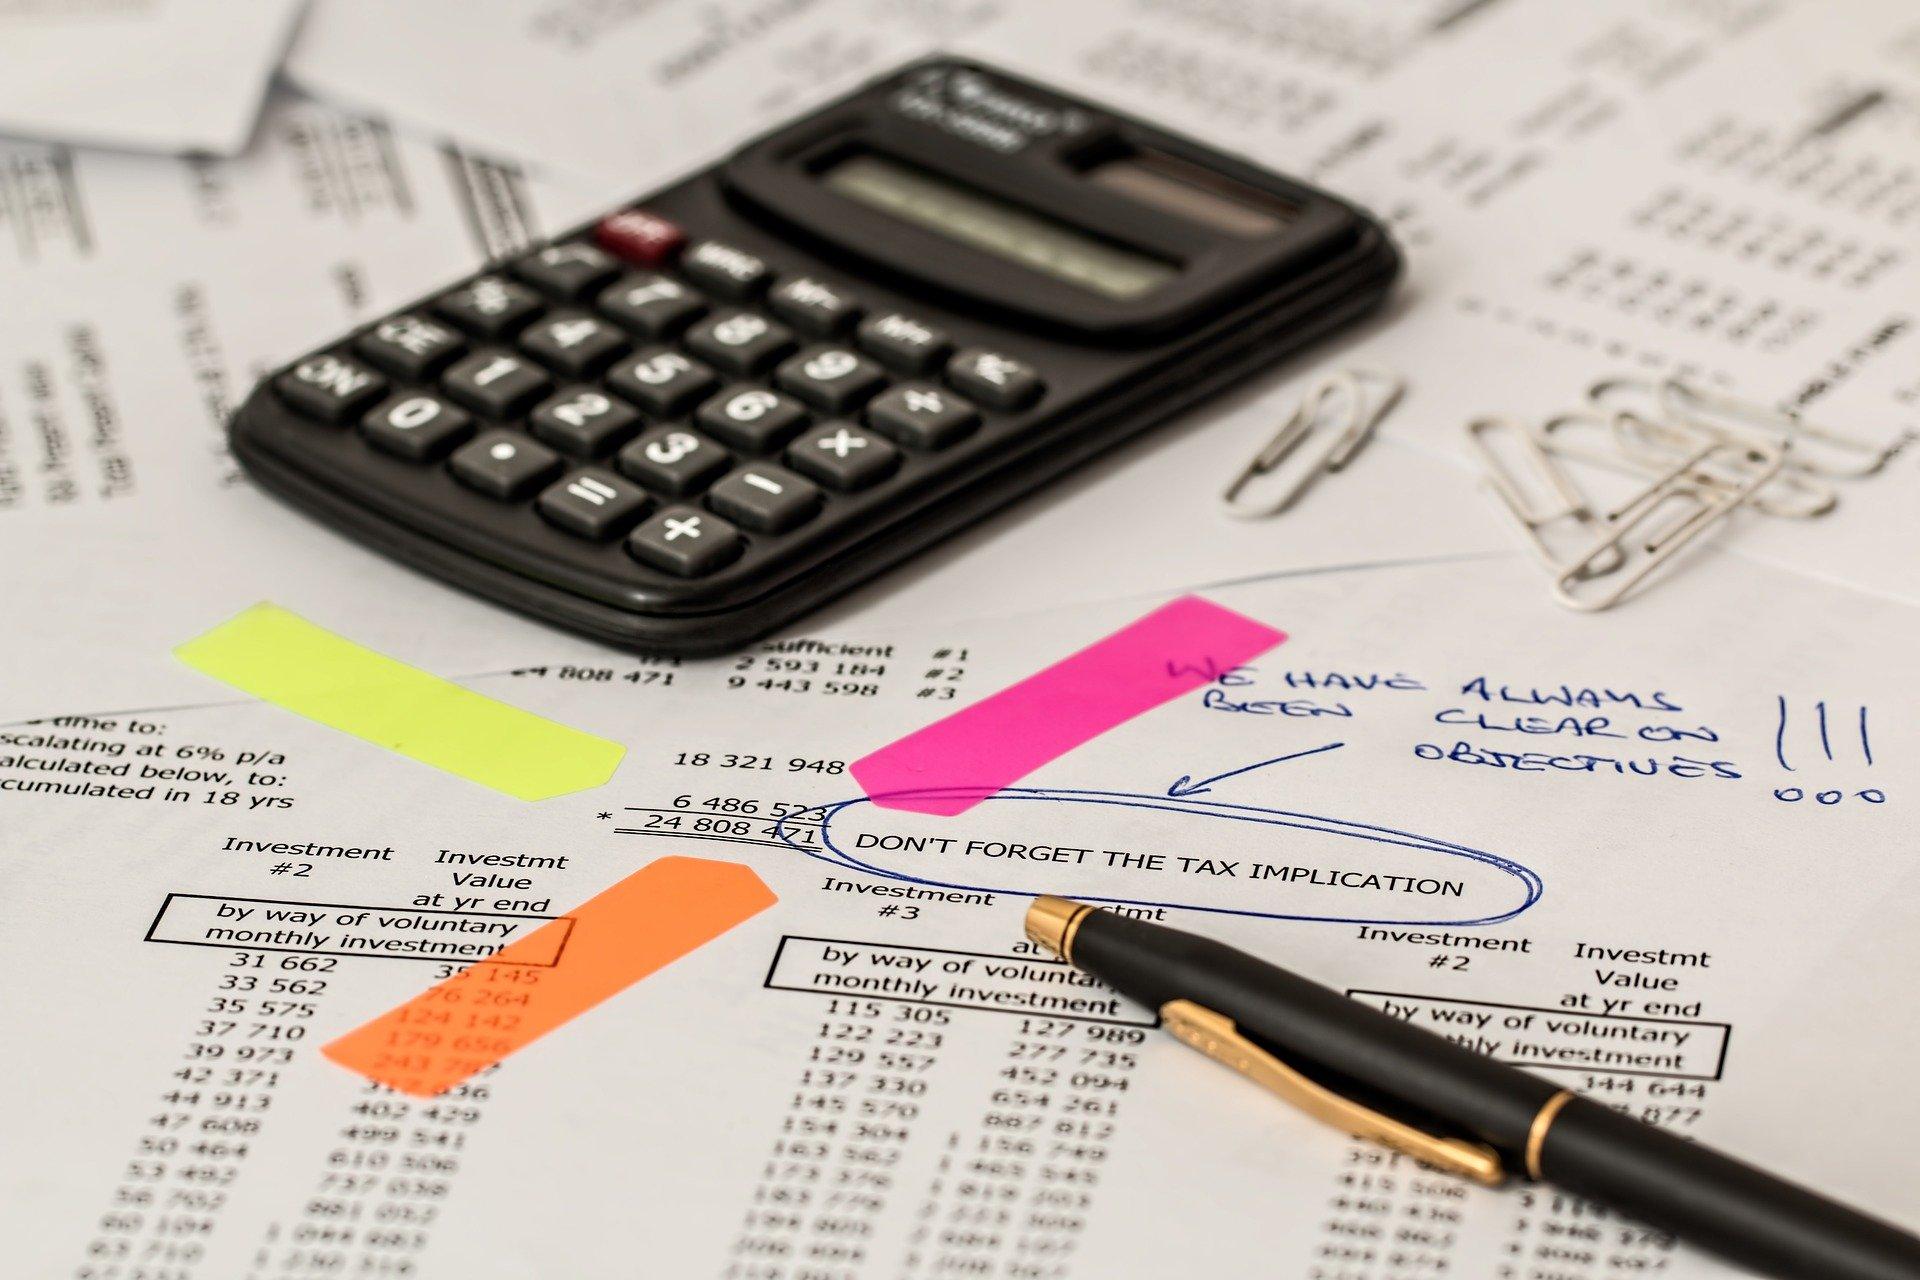 Imagem de uma calculadora preta, caneta preta e marcadores de papel laranja, amarelo e rosa, em cima de algumas folhas brancas com informações de contratos. Imagem ilustrativa para o texto apólice de seguro.